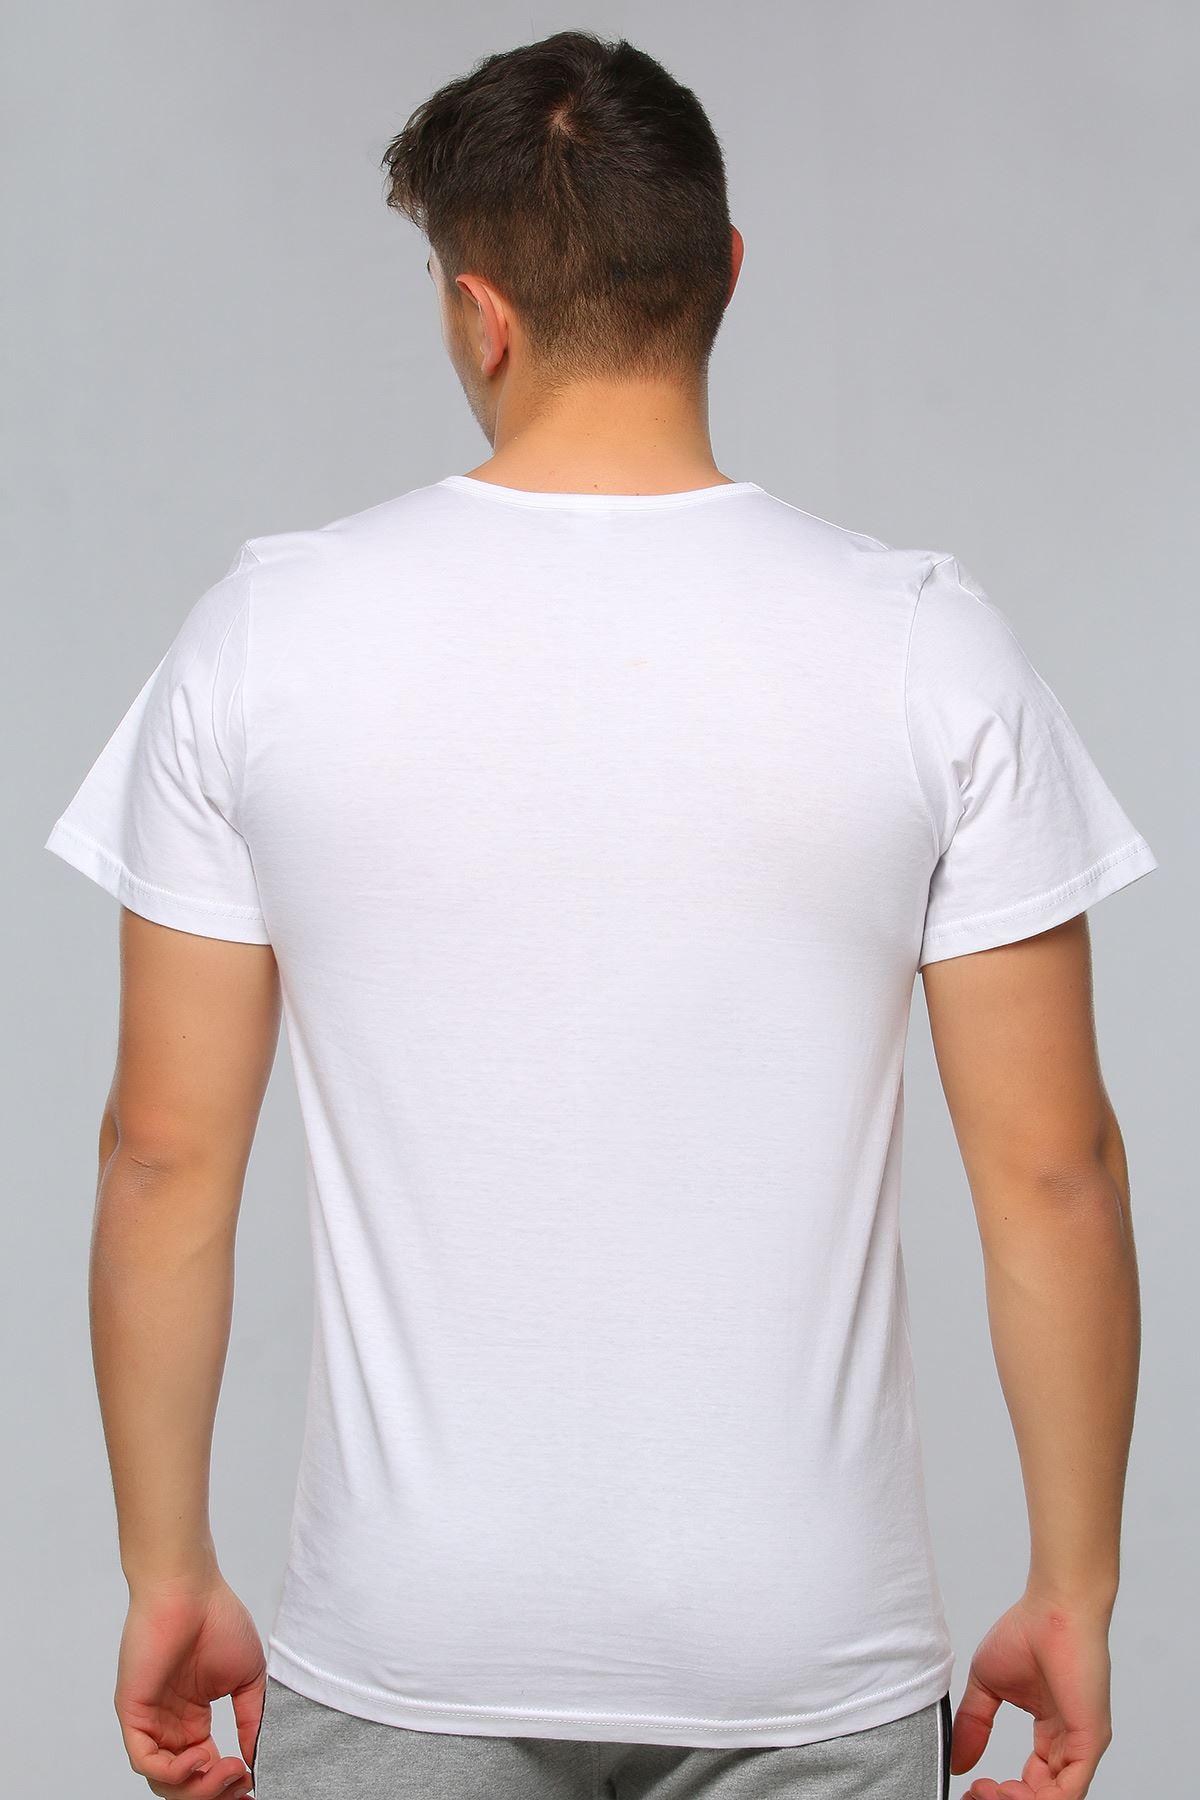 Men's Crew Neck Short Sleeve Undershirt